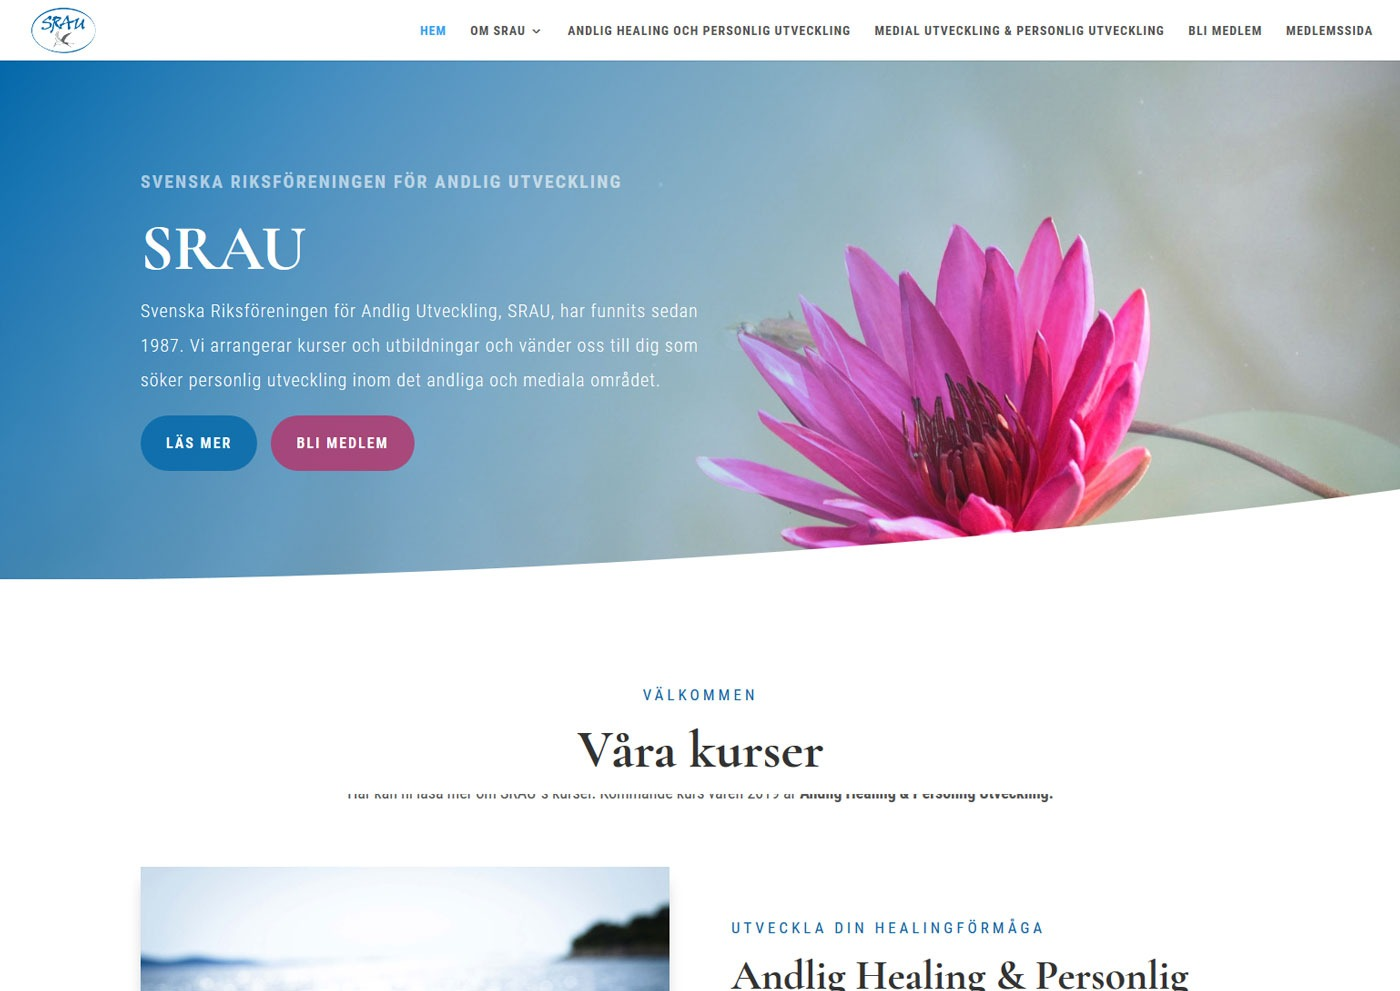 Byggt ny hemsida till förening - AS webstudio